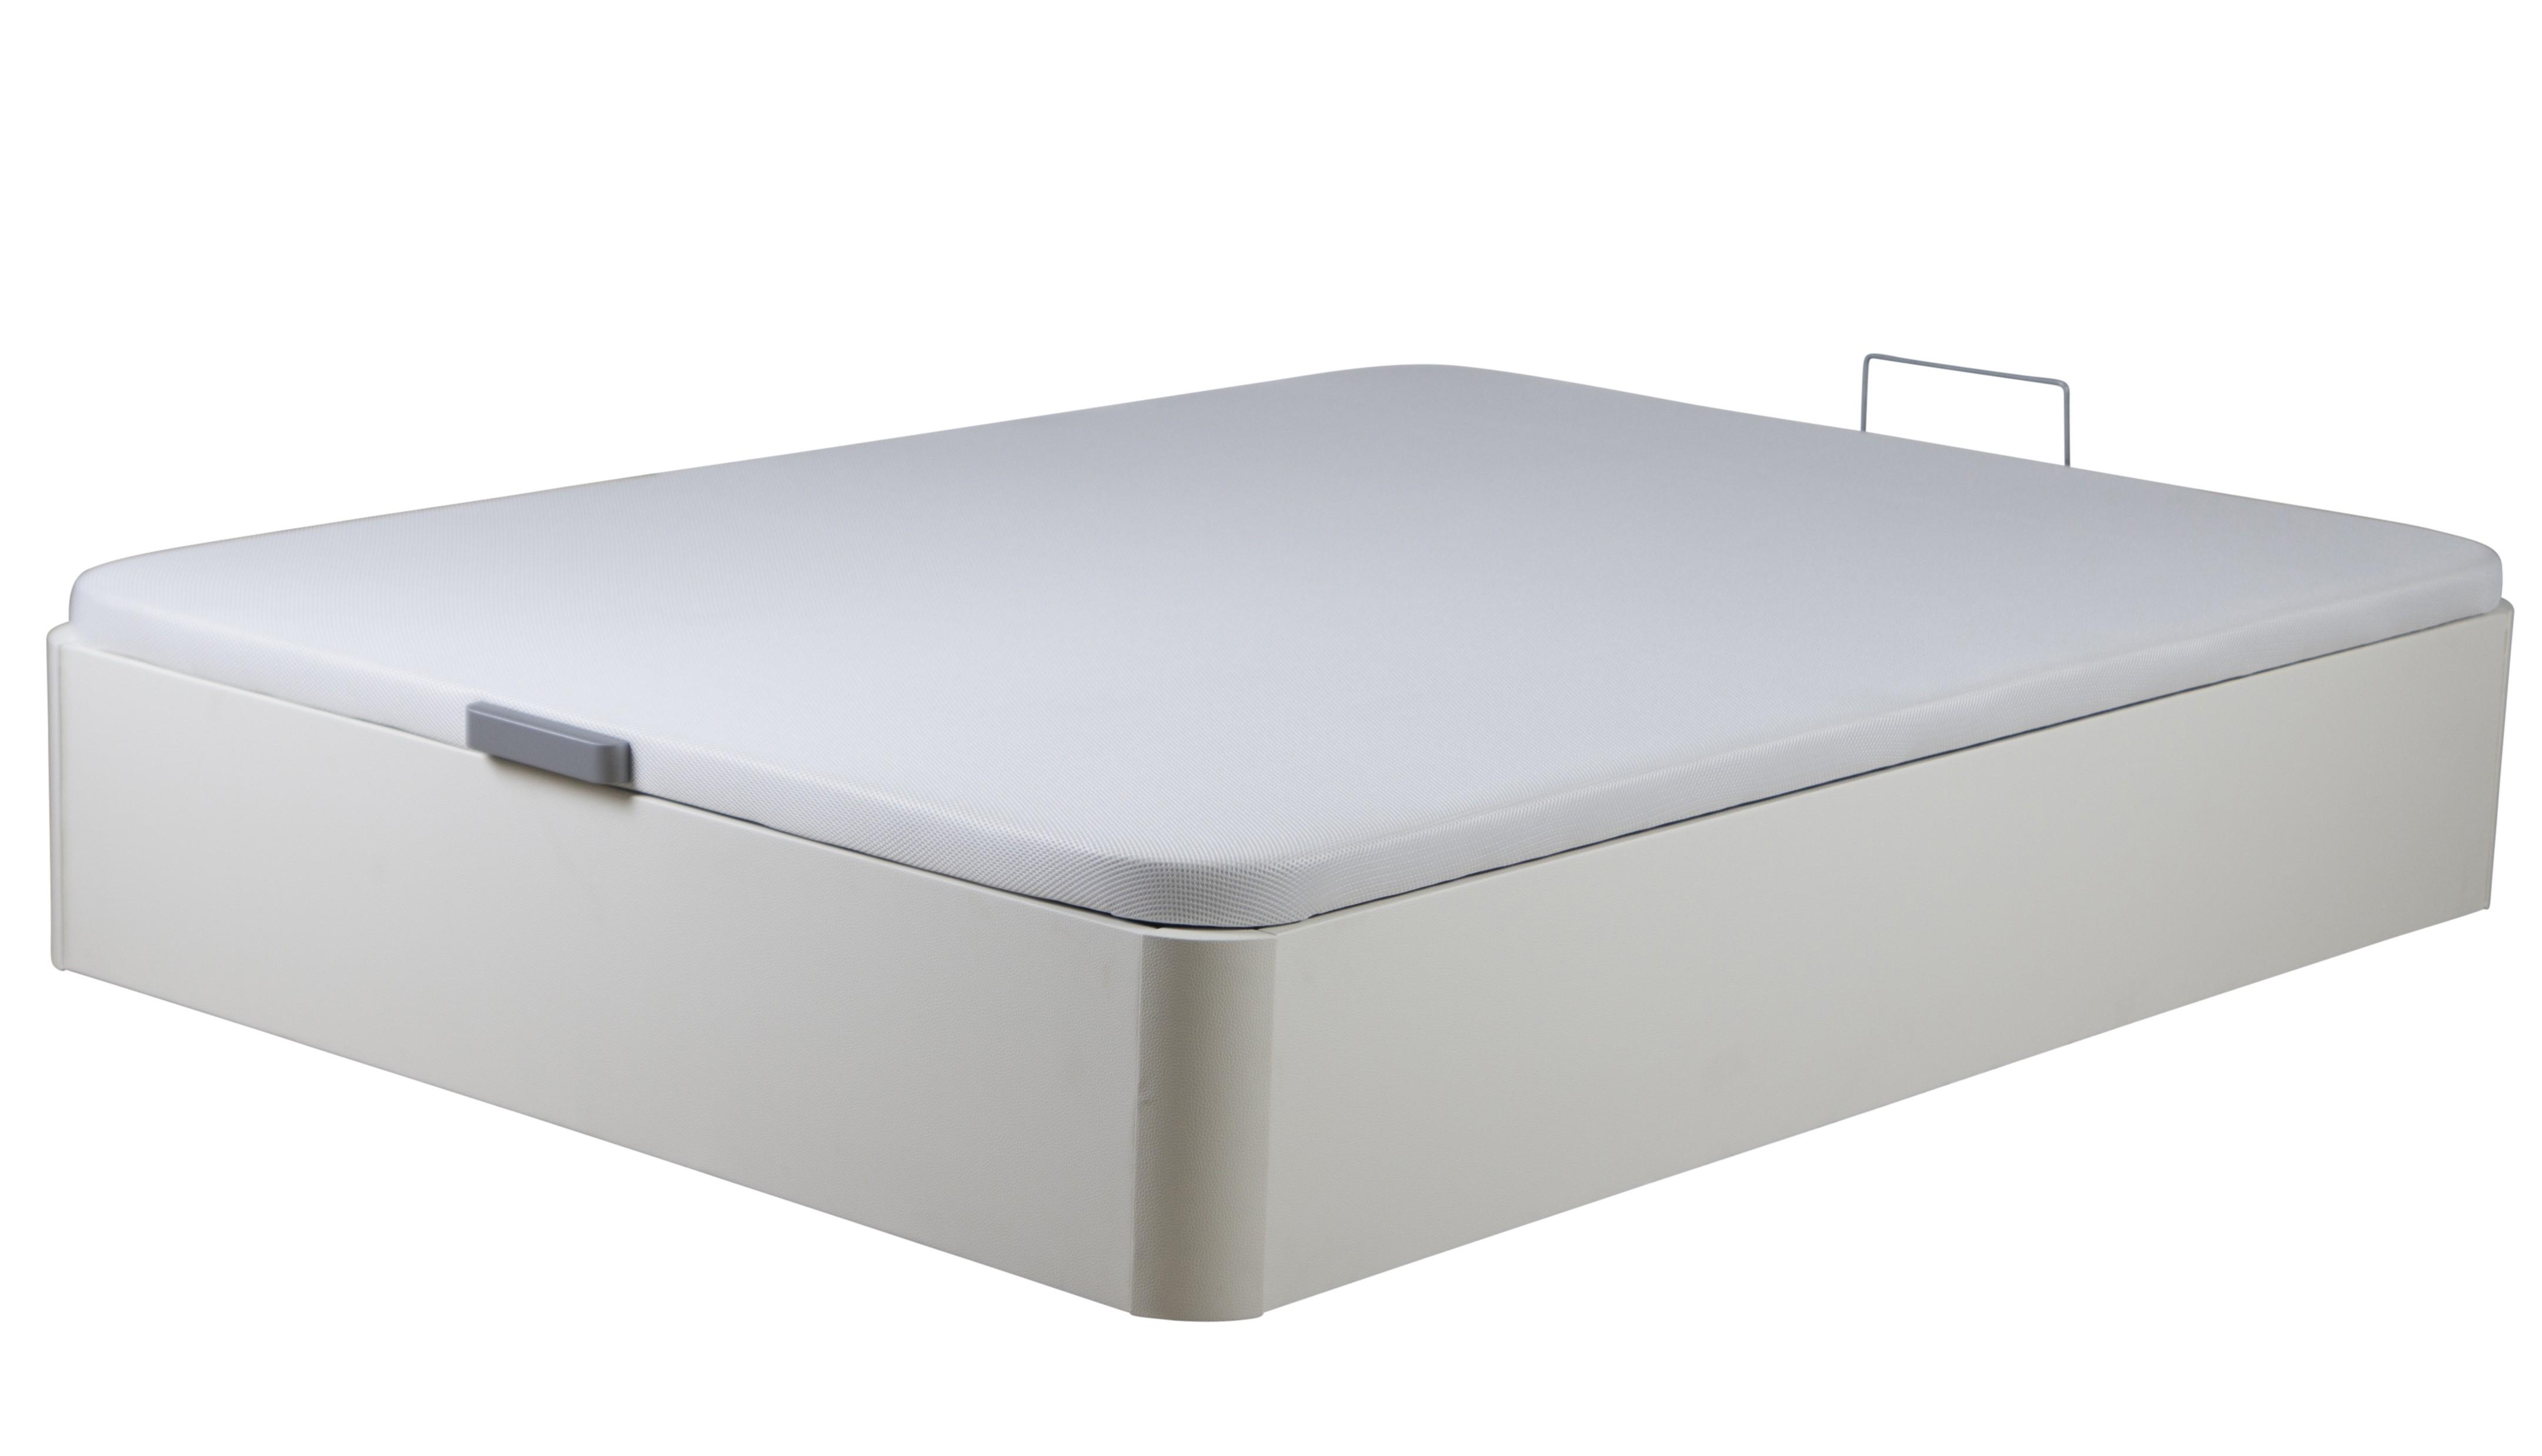 sommier lit coffre bois melamin blanc kosta 140. Black Bedroom Furniture Sets. Home Design Ideas